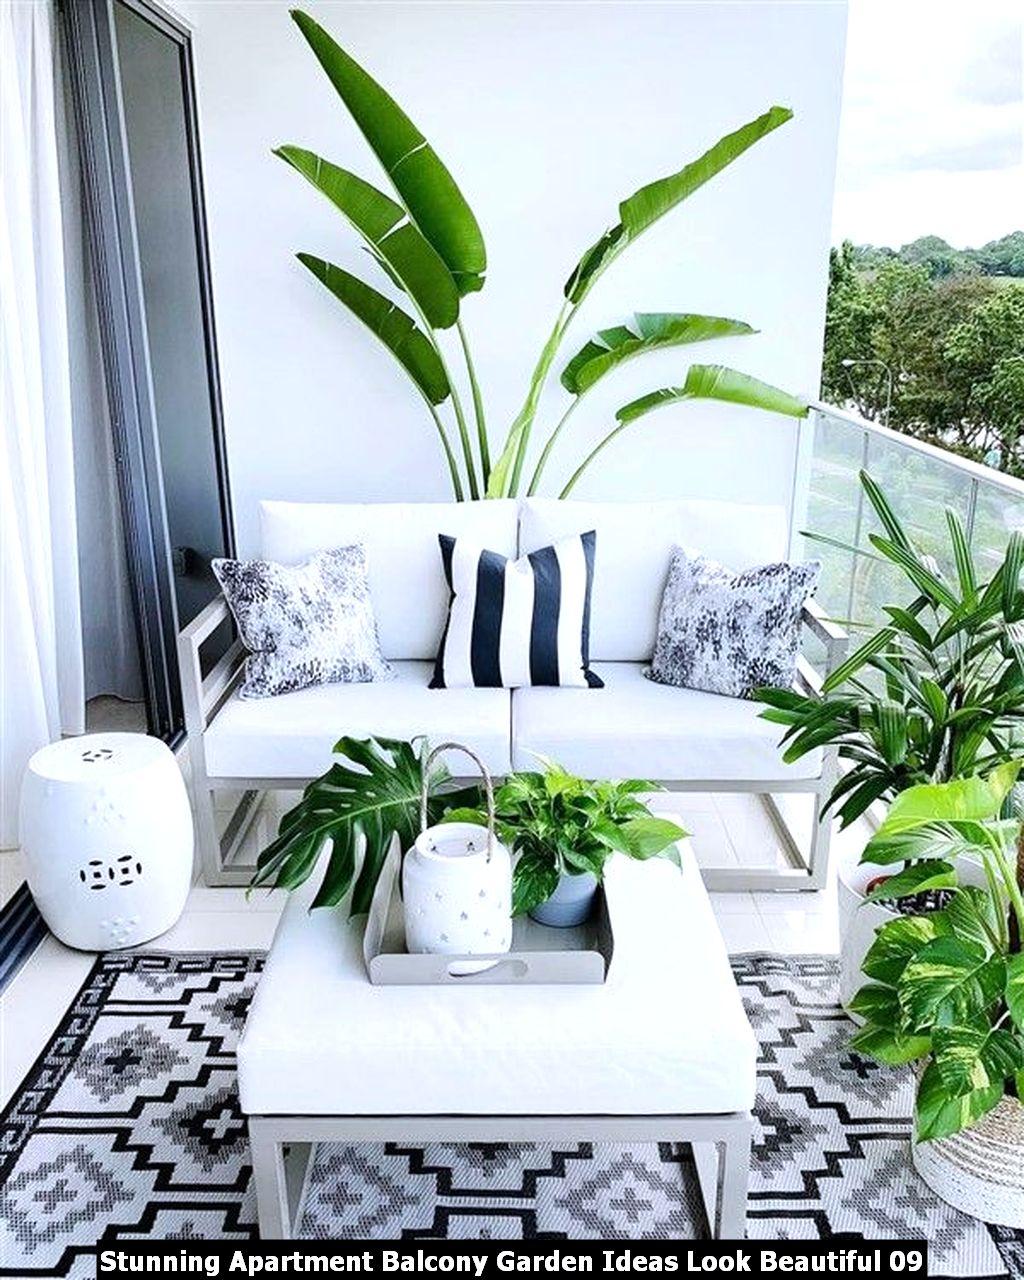 Stunning Apartment Balcony Garden Ideas Look Beautiful 09